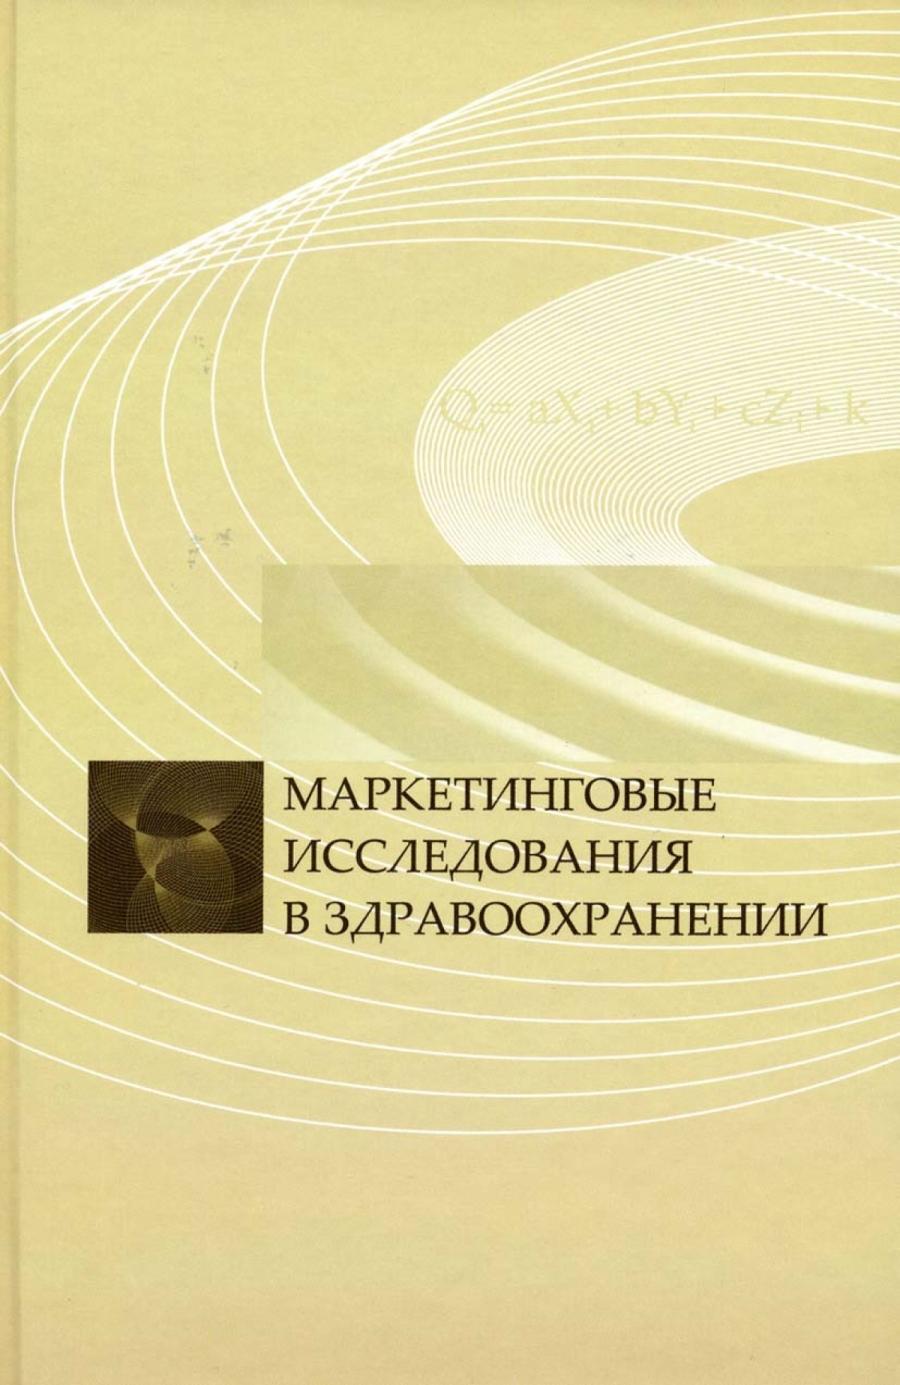 Обложка книги:  васнецова о.а. - маркетинговые исследования в здравоохранении.